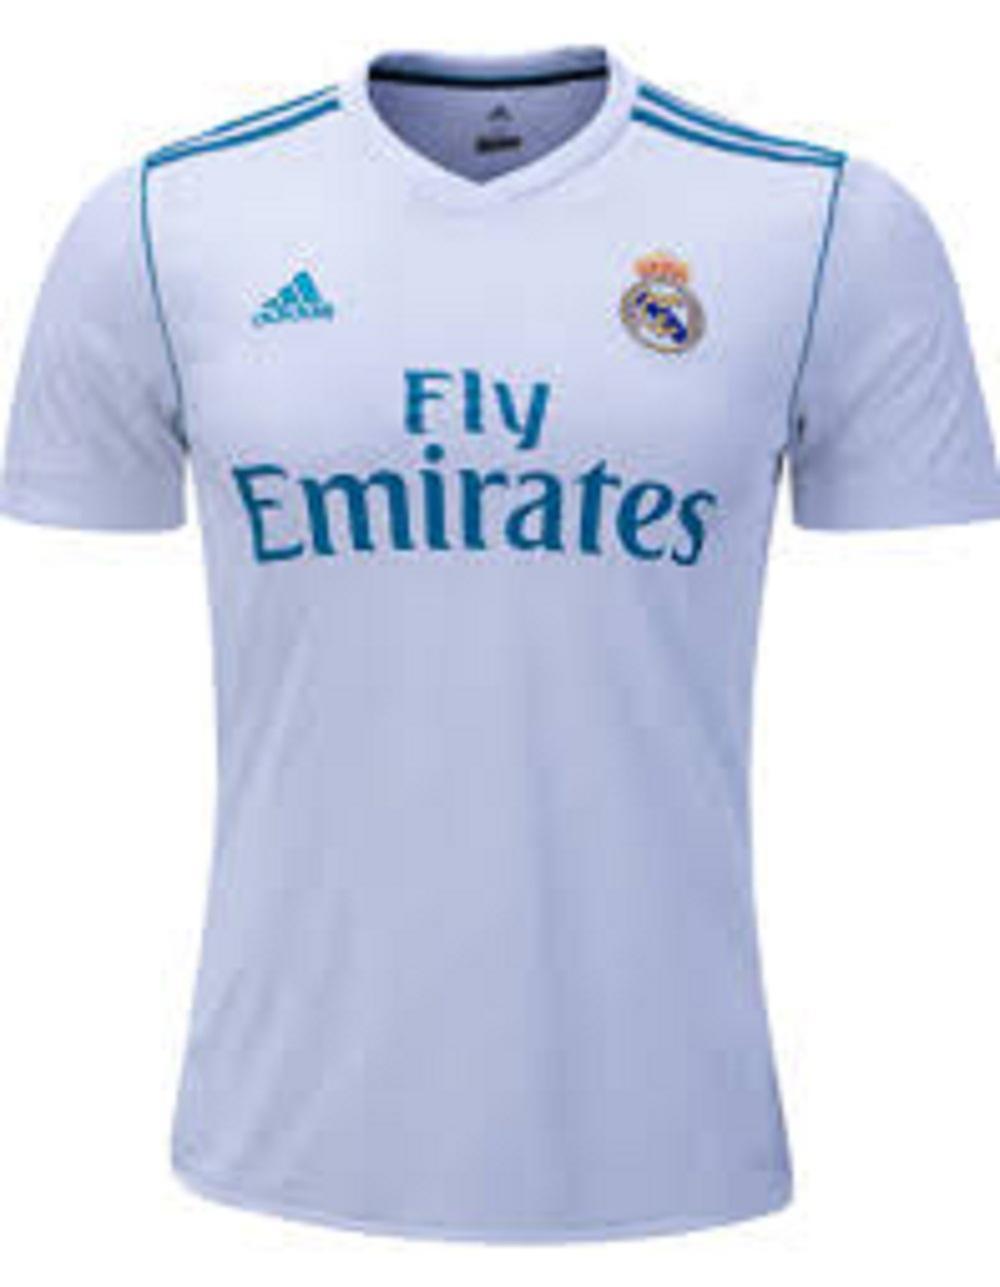 Kmr99 / Jersey Bola Real Madrid Home / Jersey Bola Murah Berkualitas /  Ukuran S M L XL Elegant Murah